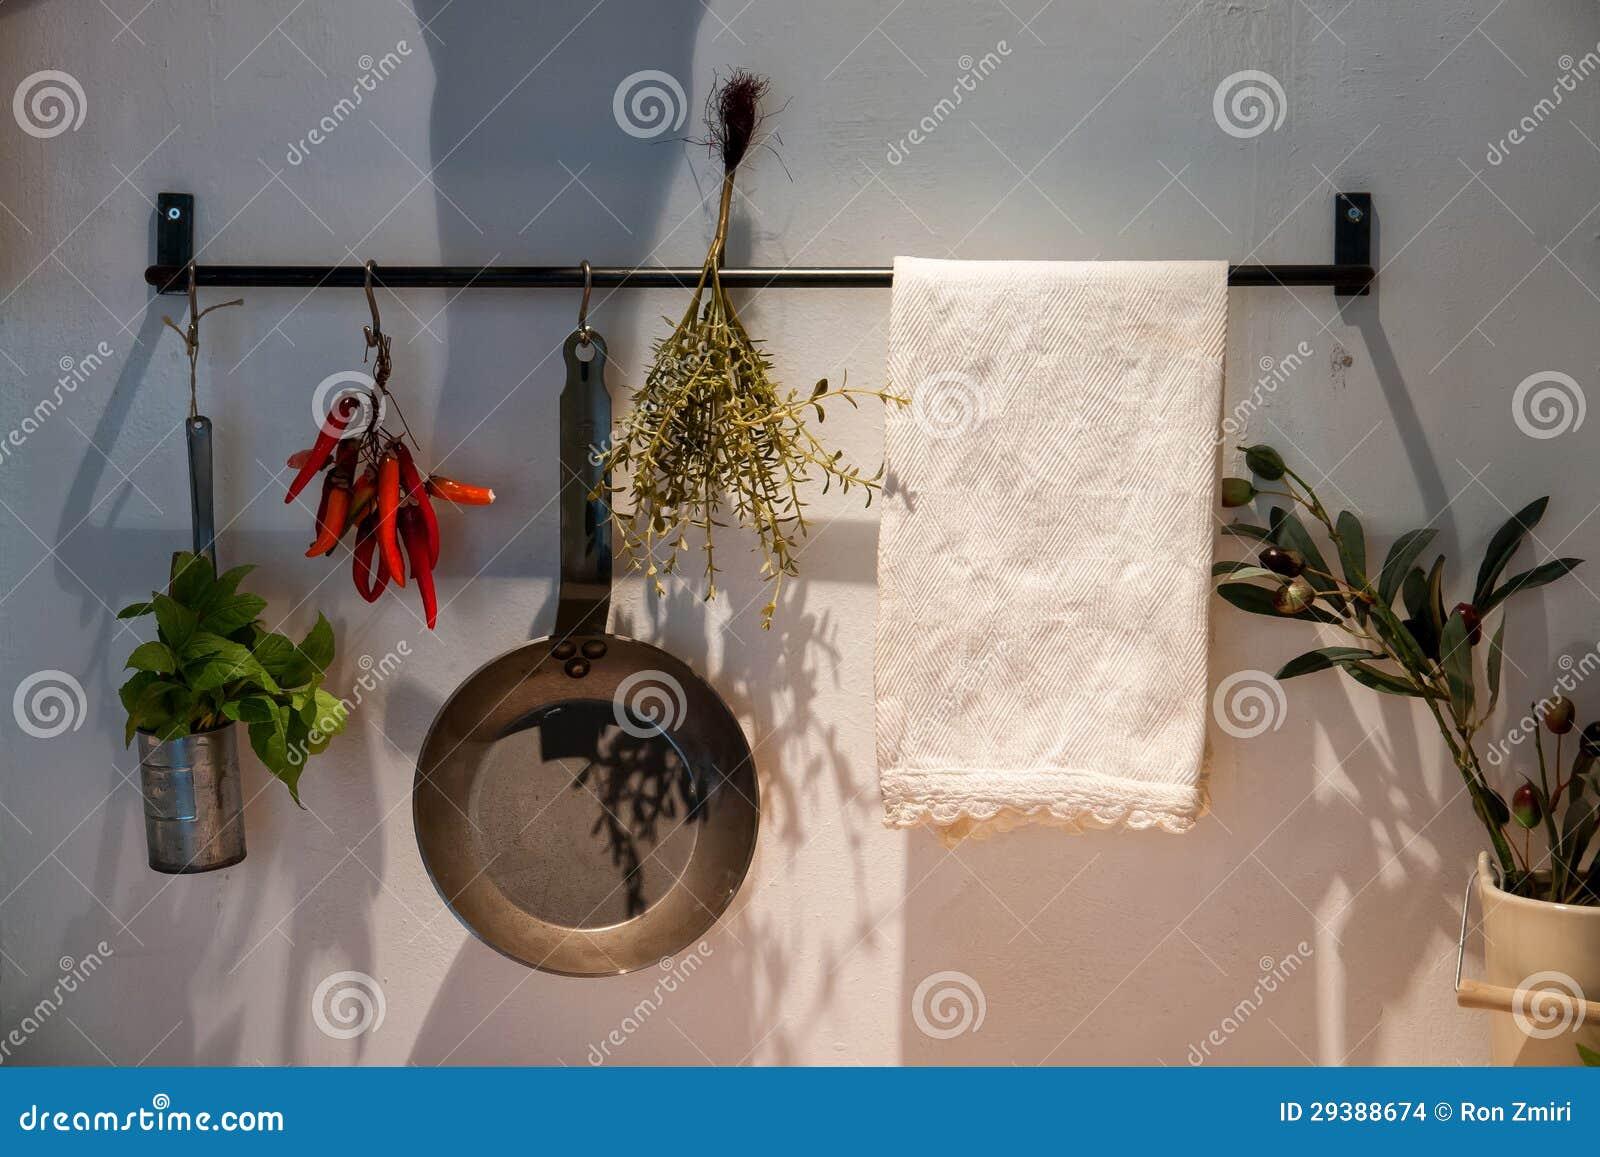 De decoratie van de keuken met het hangen van potten en pannen stock foto afbeelding 29388674 - Decoratie van de kamers van de meiden ...